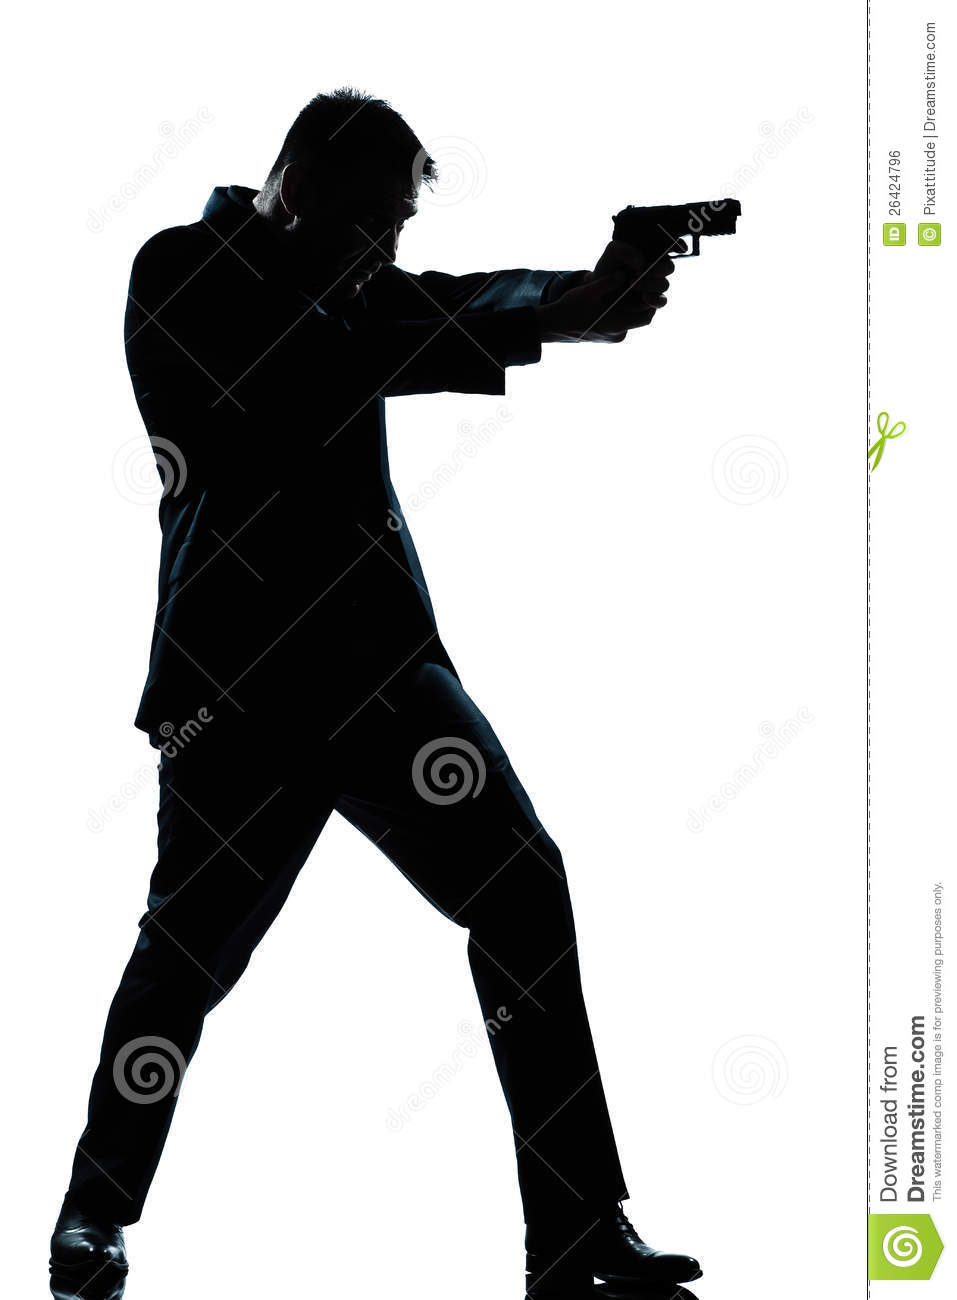 man pointing a gun clipart - Clipground